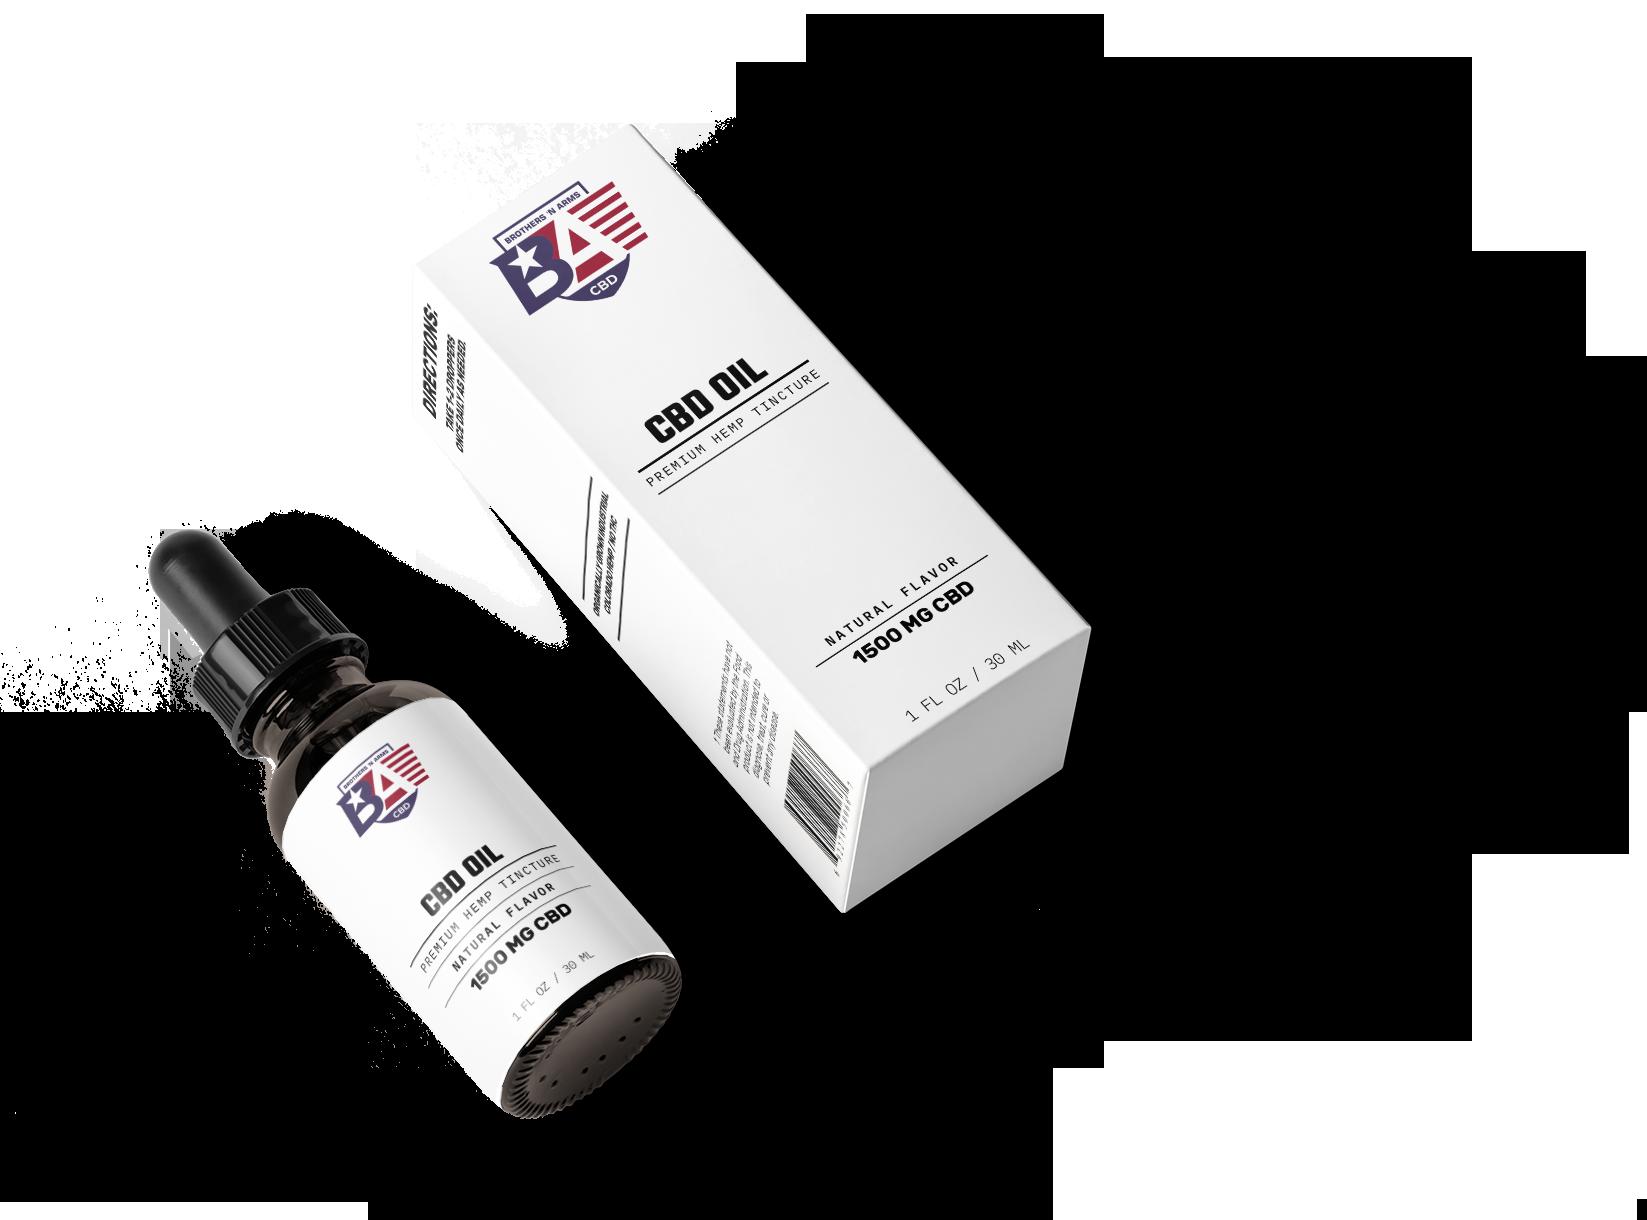 Complete Packaging design for BnA CBD